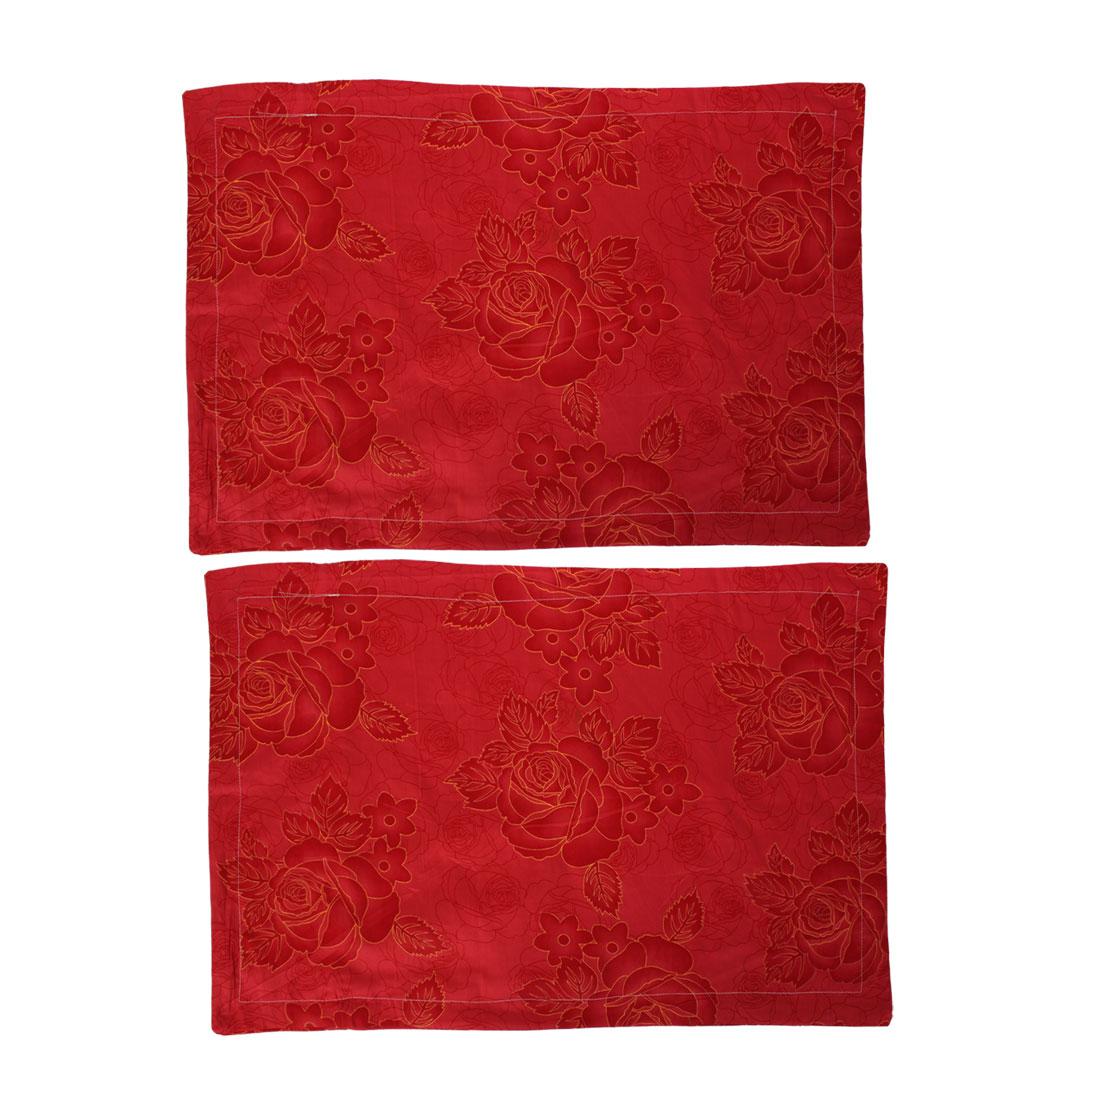 Cotton Blend Rose Pattern Pillow Case Cushion Cover 70cm x 47cm 2pcs